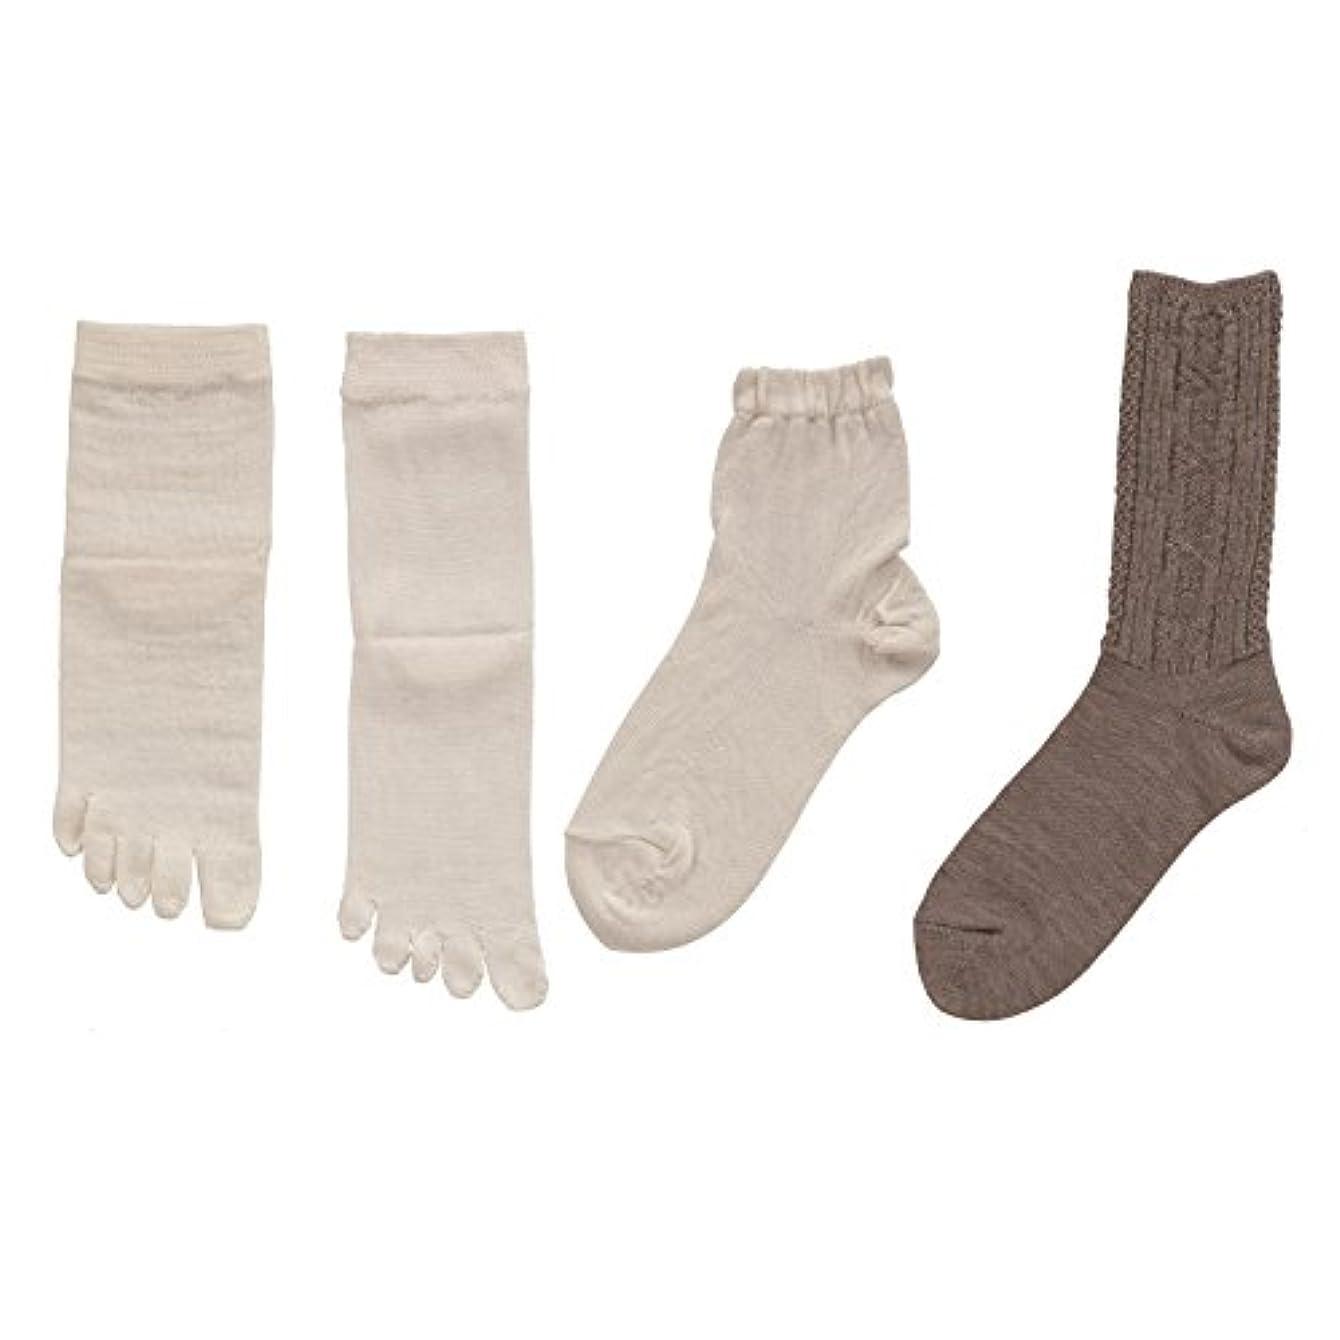 離す司書基本的な砂山靴下 TUMUGI 絹と毛の4枚重ね履き靴下 グレー